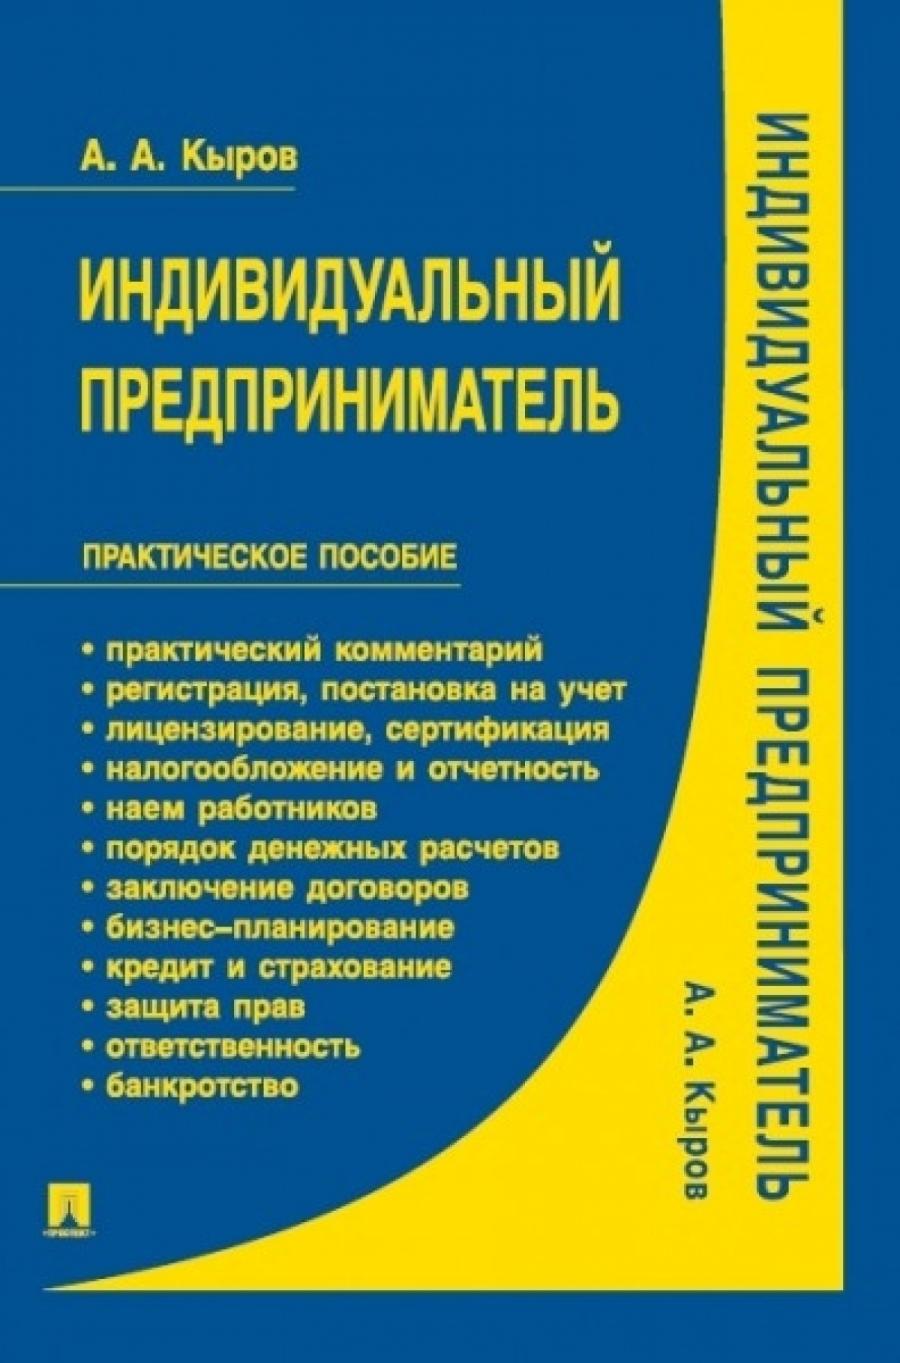 Обложка книги:  кыров а. - индивидуальный предприниматель